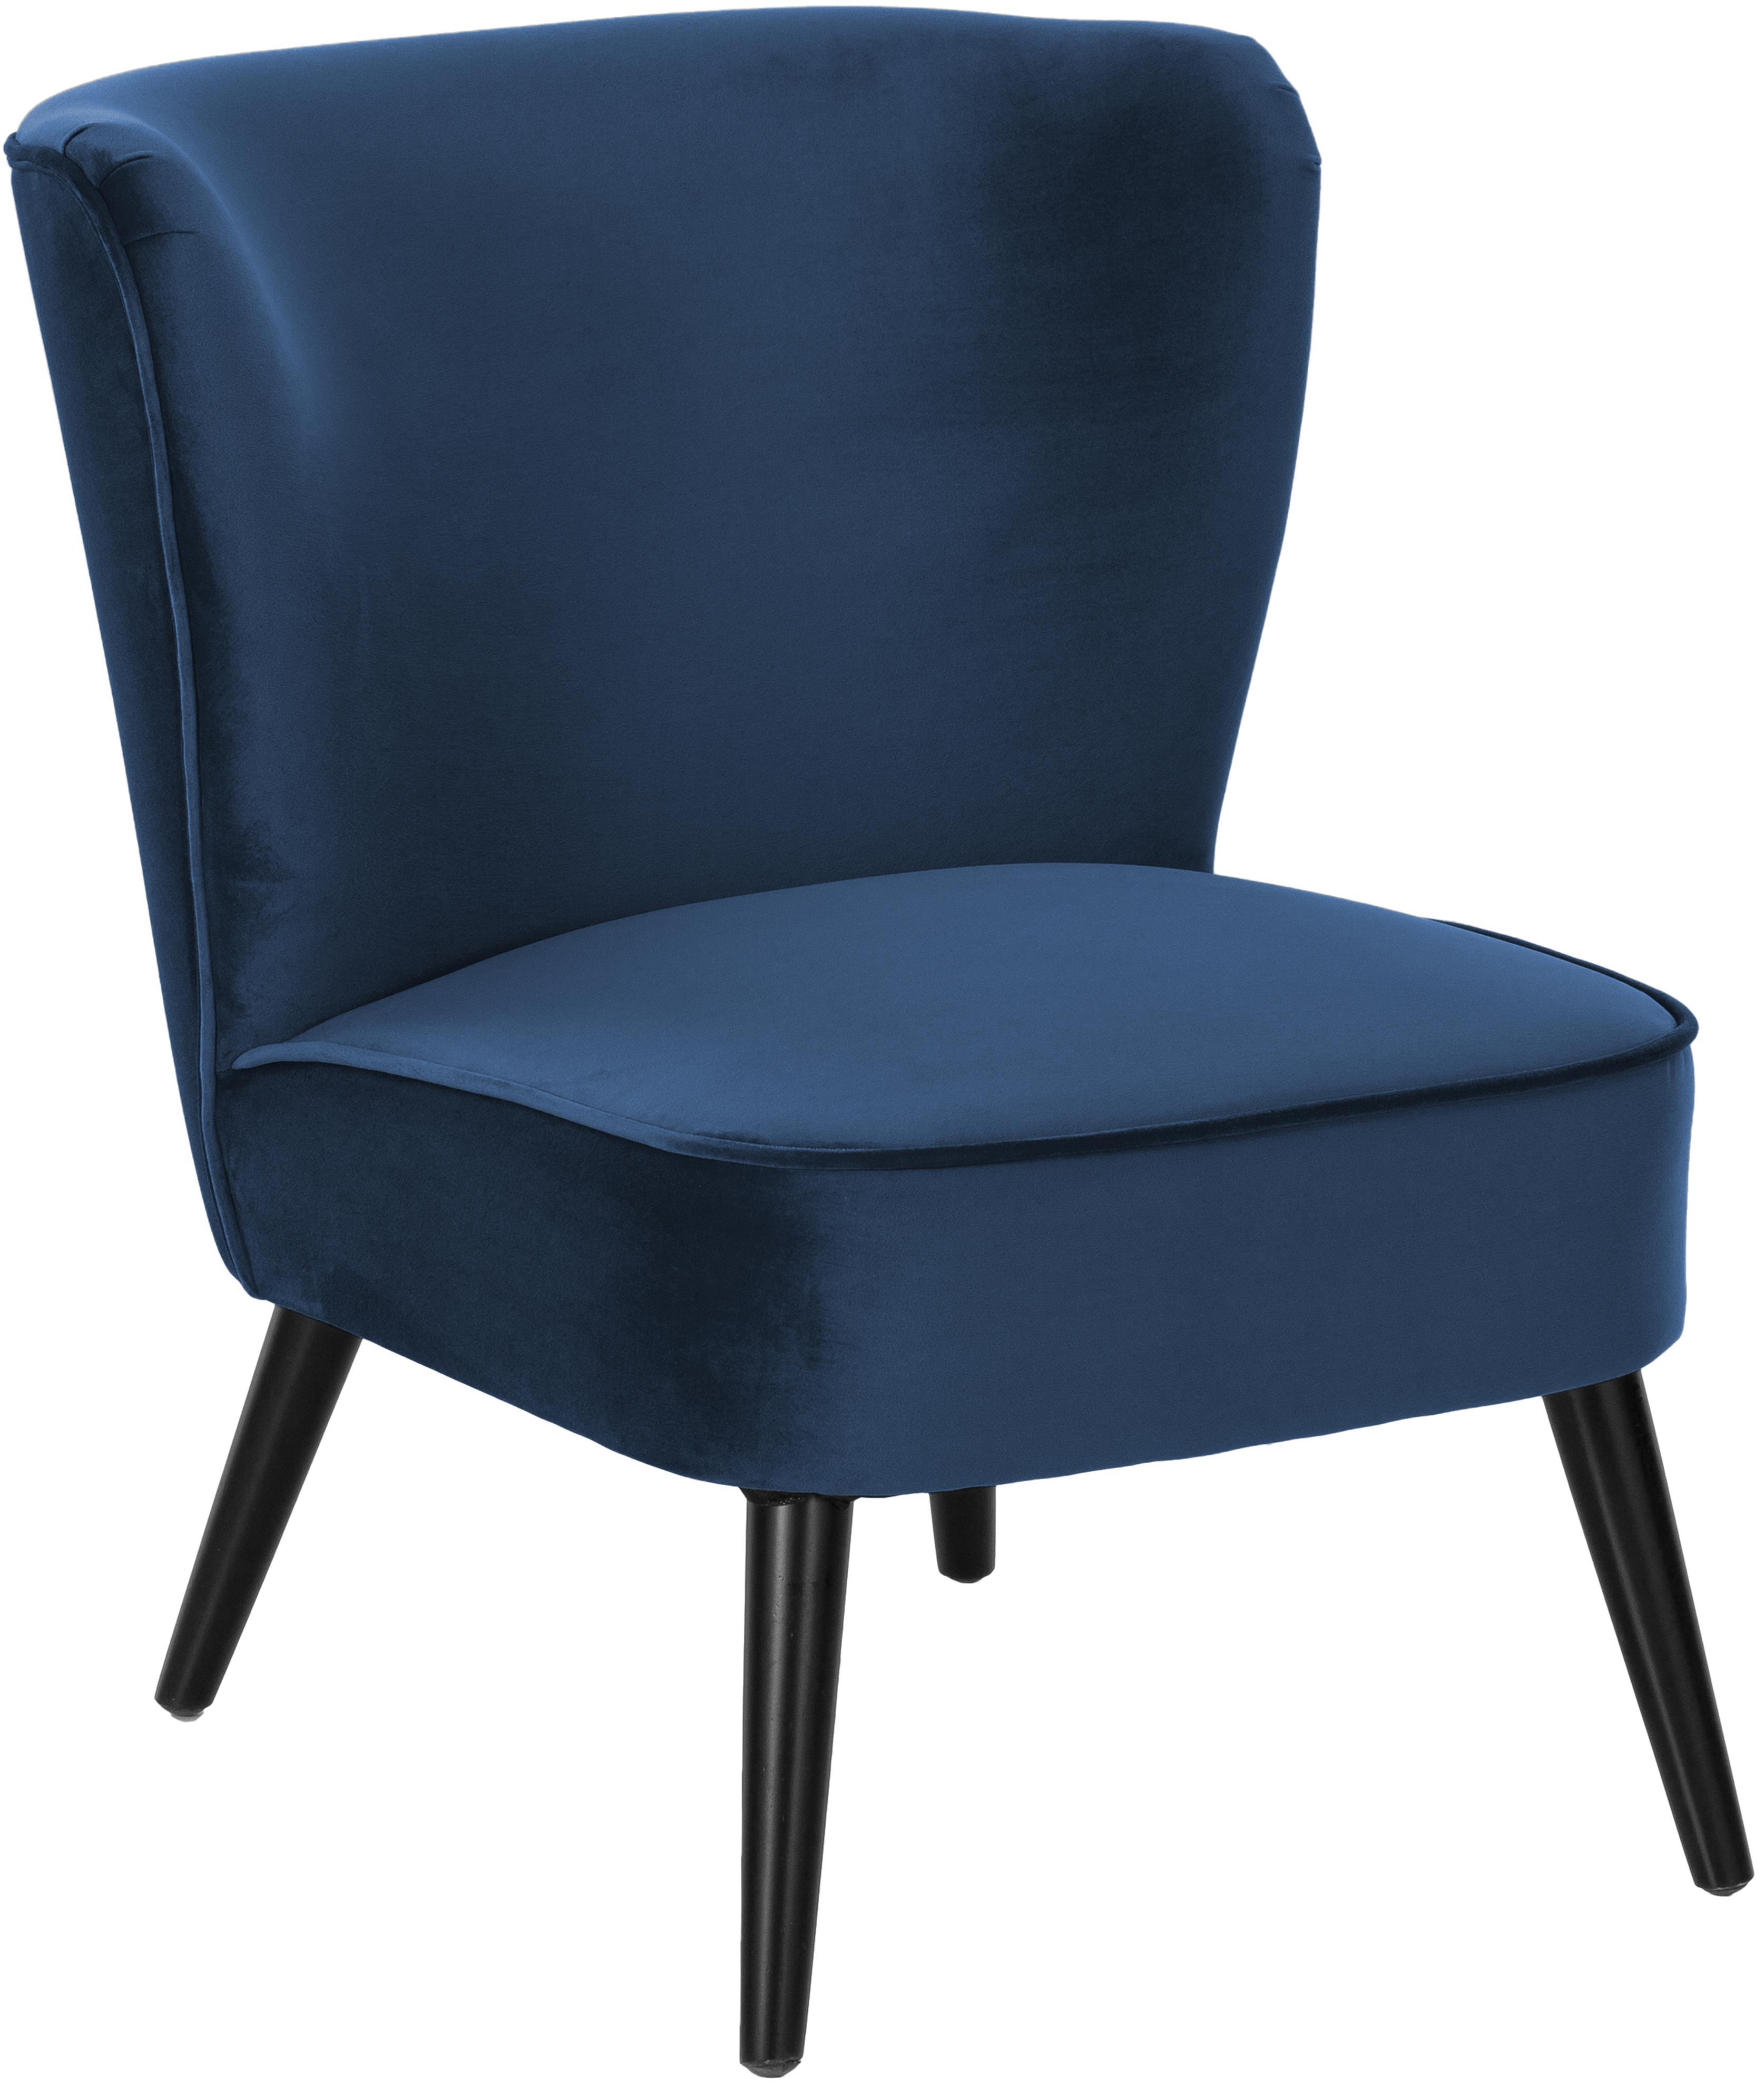 Sillón de terciopelo Robine, Tapizado: terciopelo (poliéster) 30, Patas: madera de pino, pintados, Azul oscuro, An 63 x F 73 cm